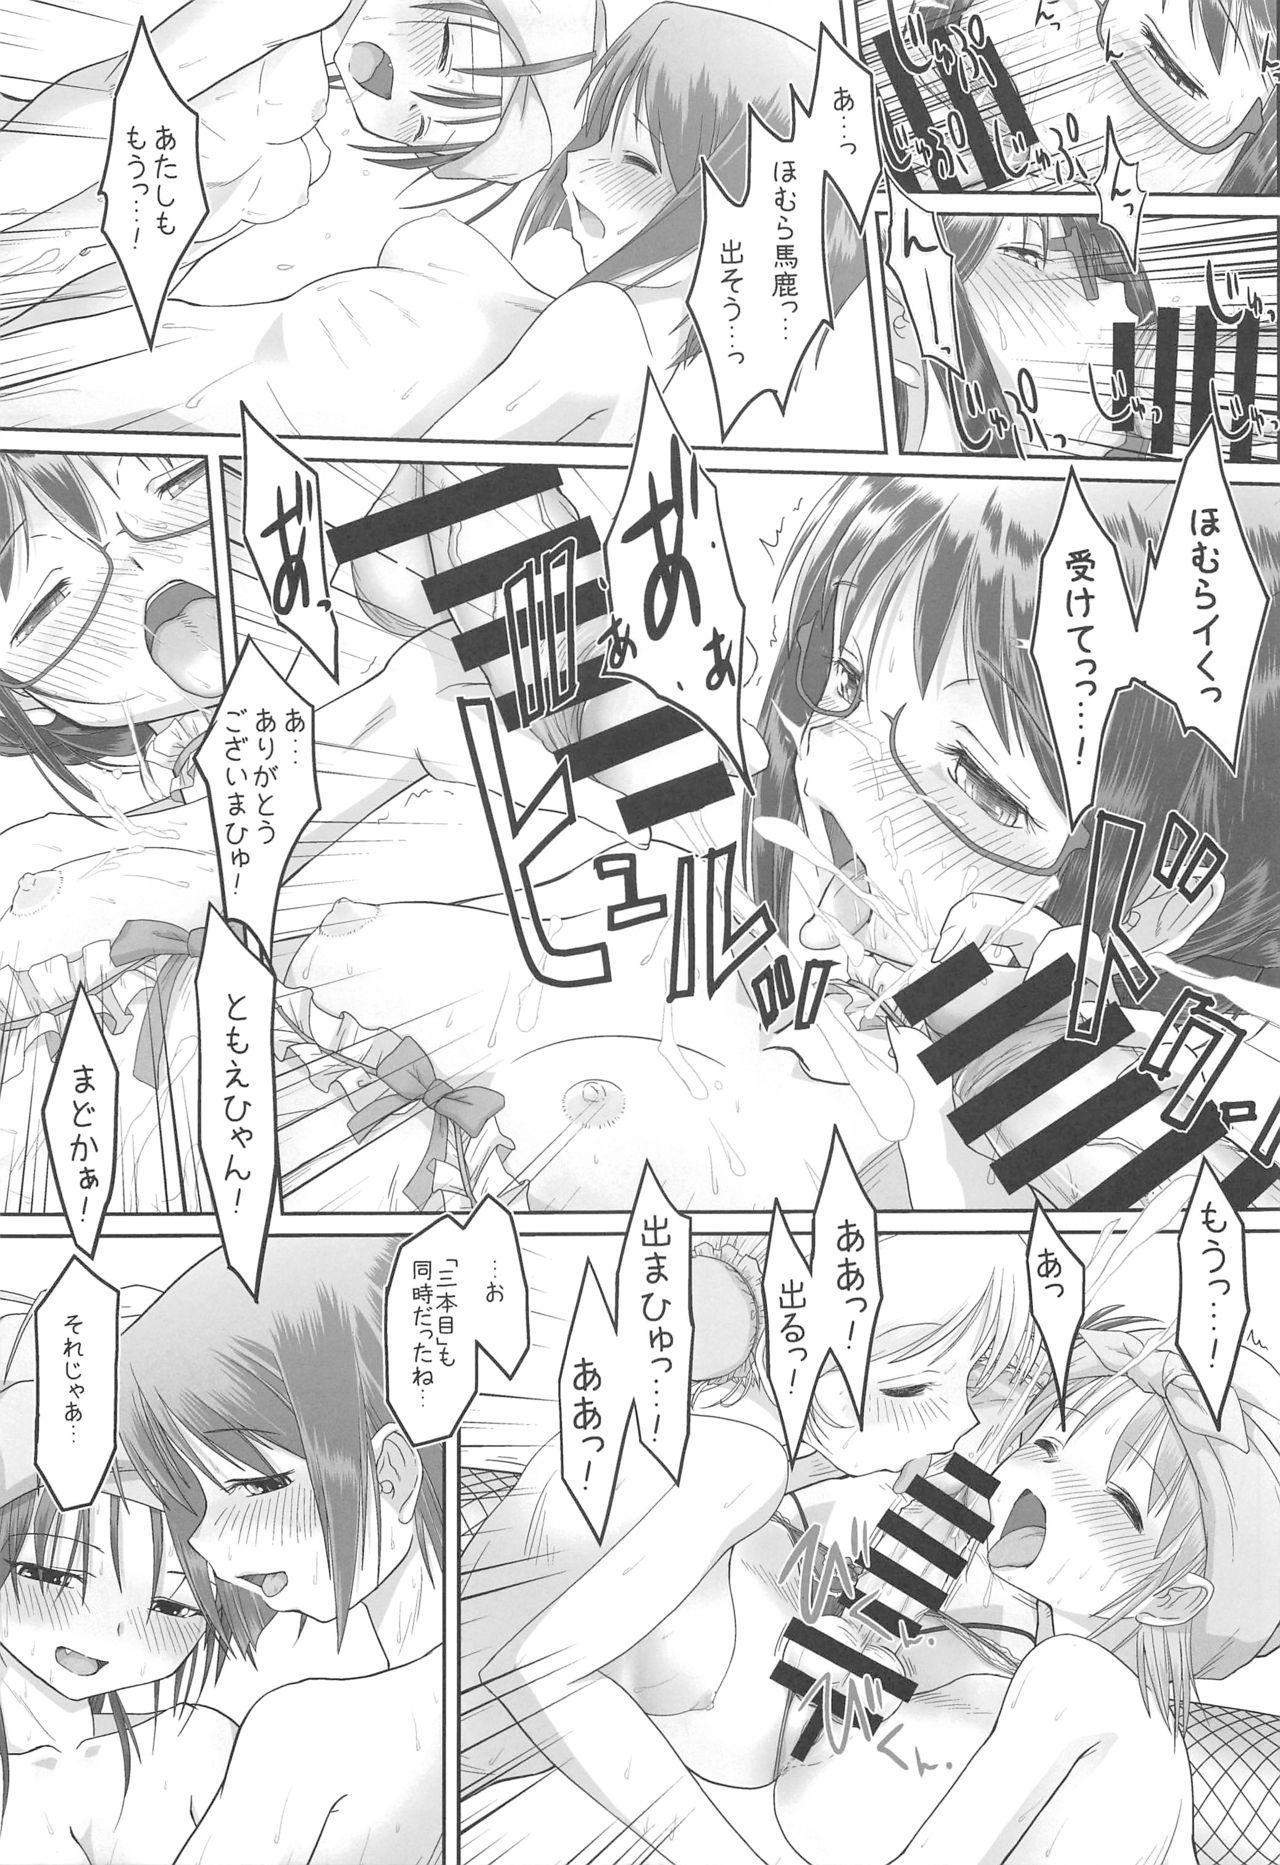 MadoHomu no Yu Puella Magi Dosukebe Onsen 41